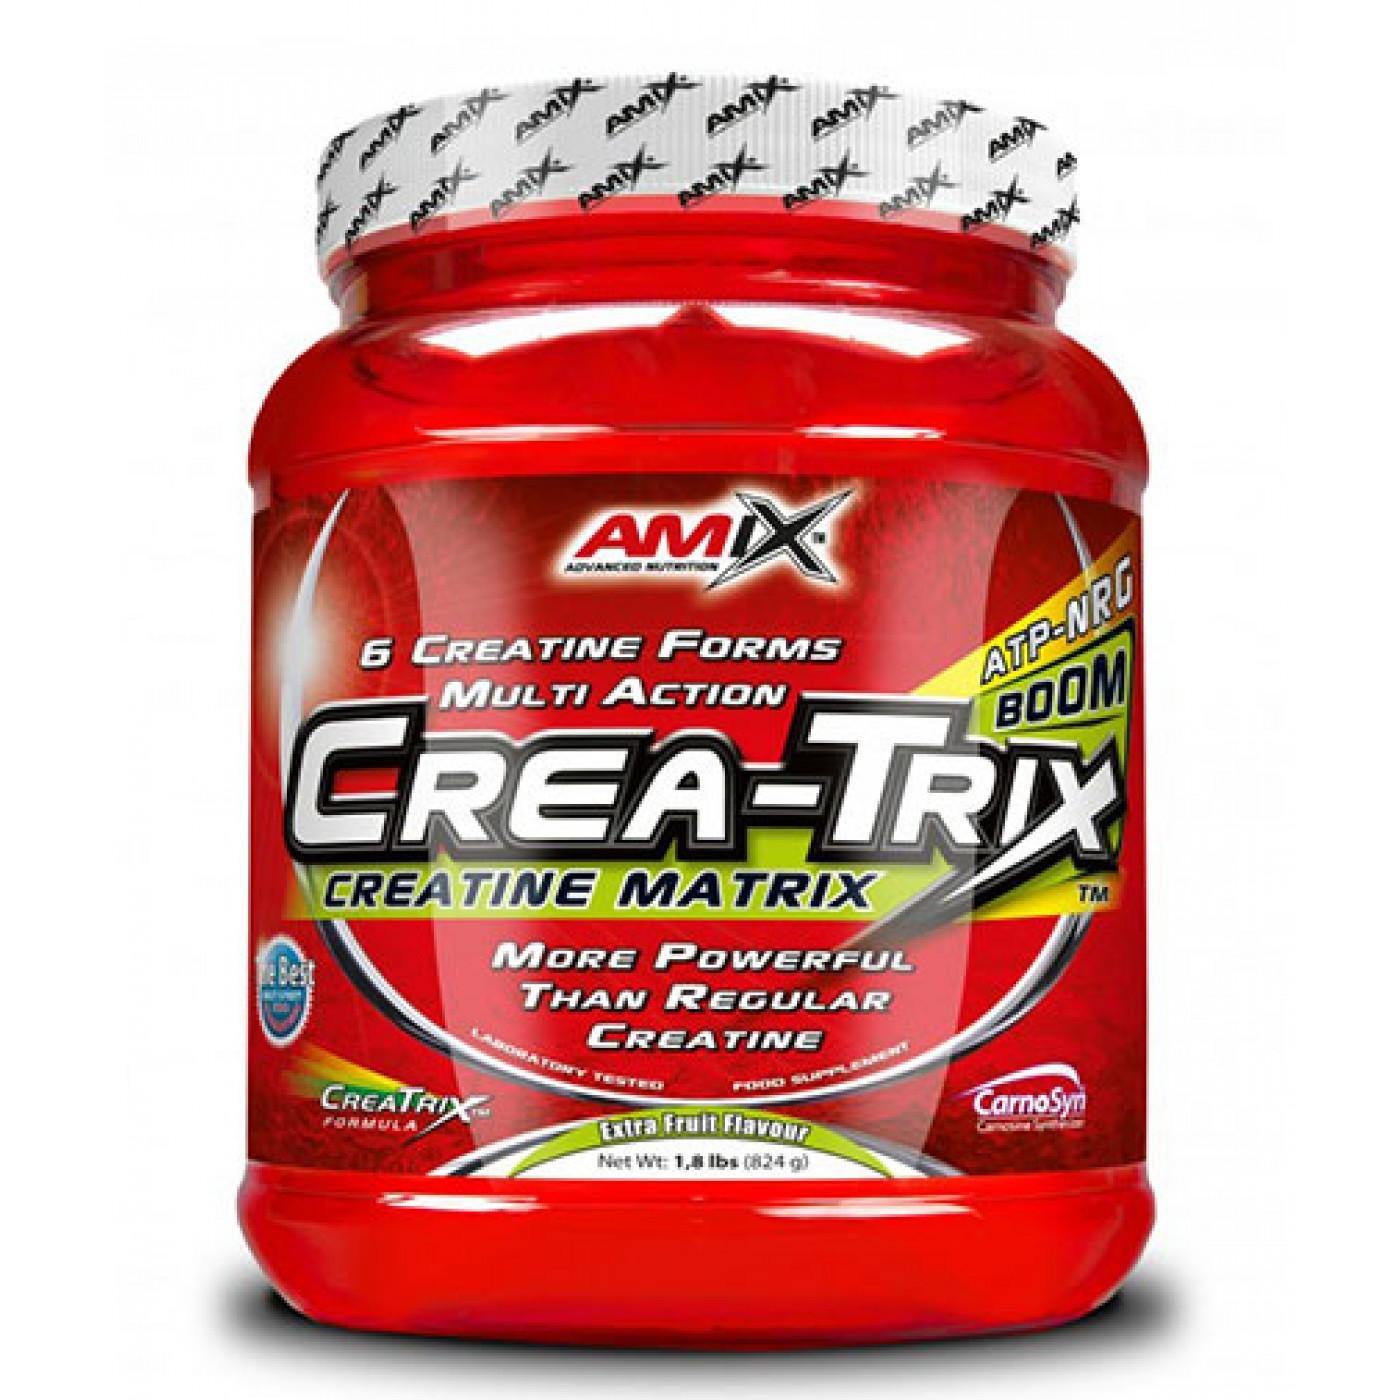 AMIX Crea-trix